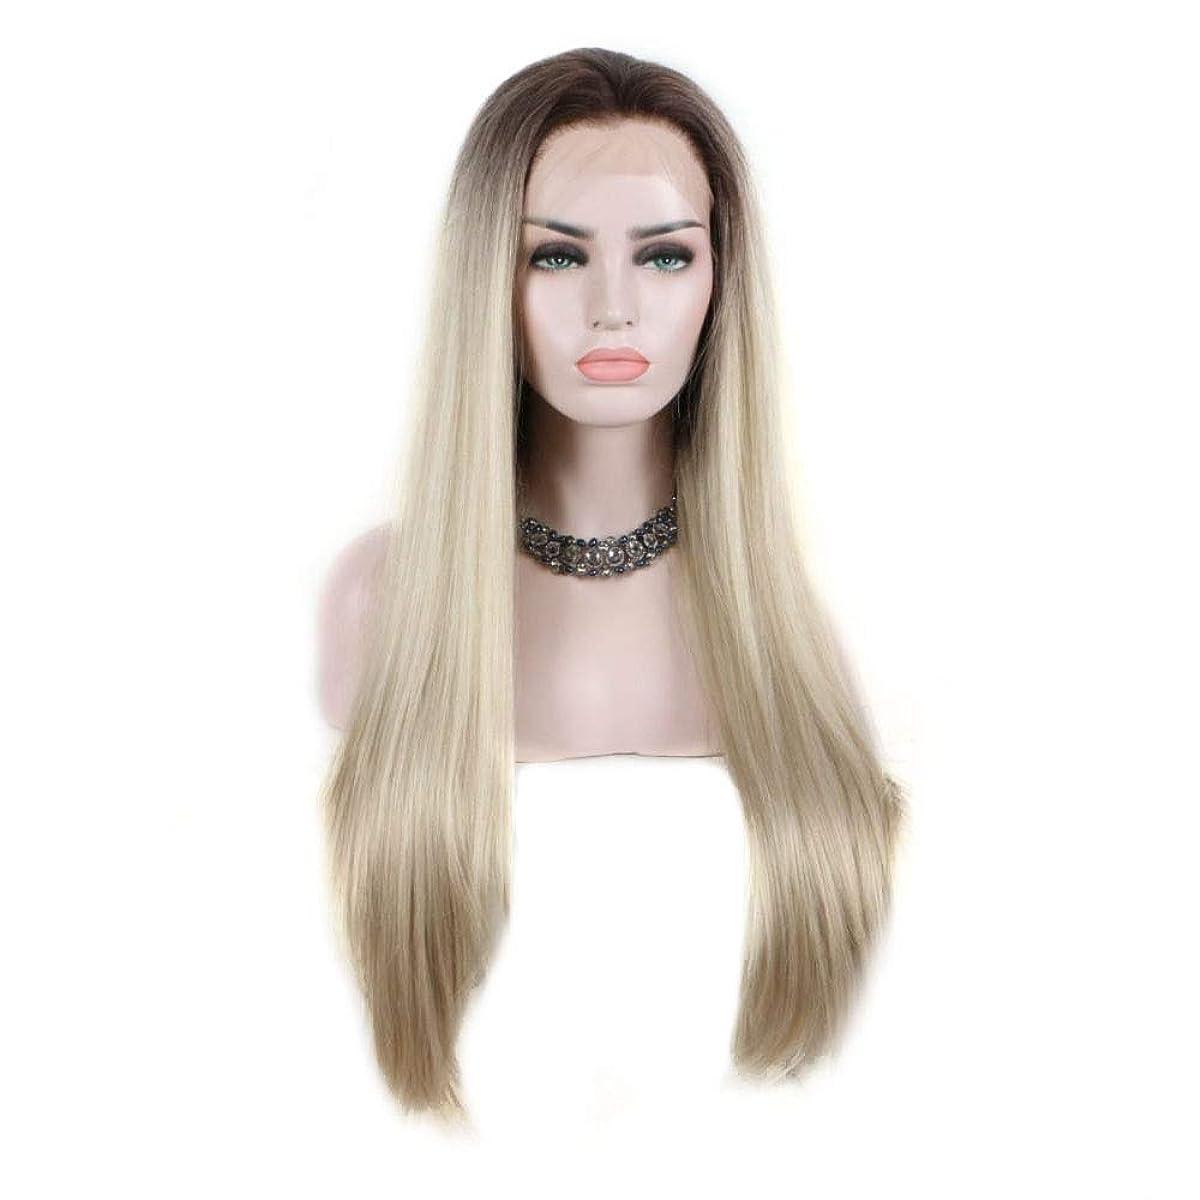 一般ローラー心配Yrattary 女性のブロンドの勾配ロングストレートヘア高温合成レースフロントかつら合成ヘアレースかつらロールプレイングかつら (色 : Blonde)